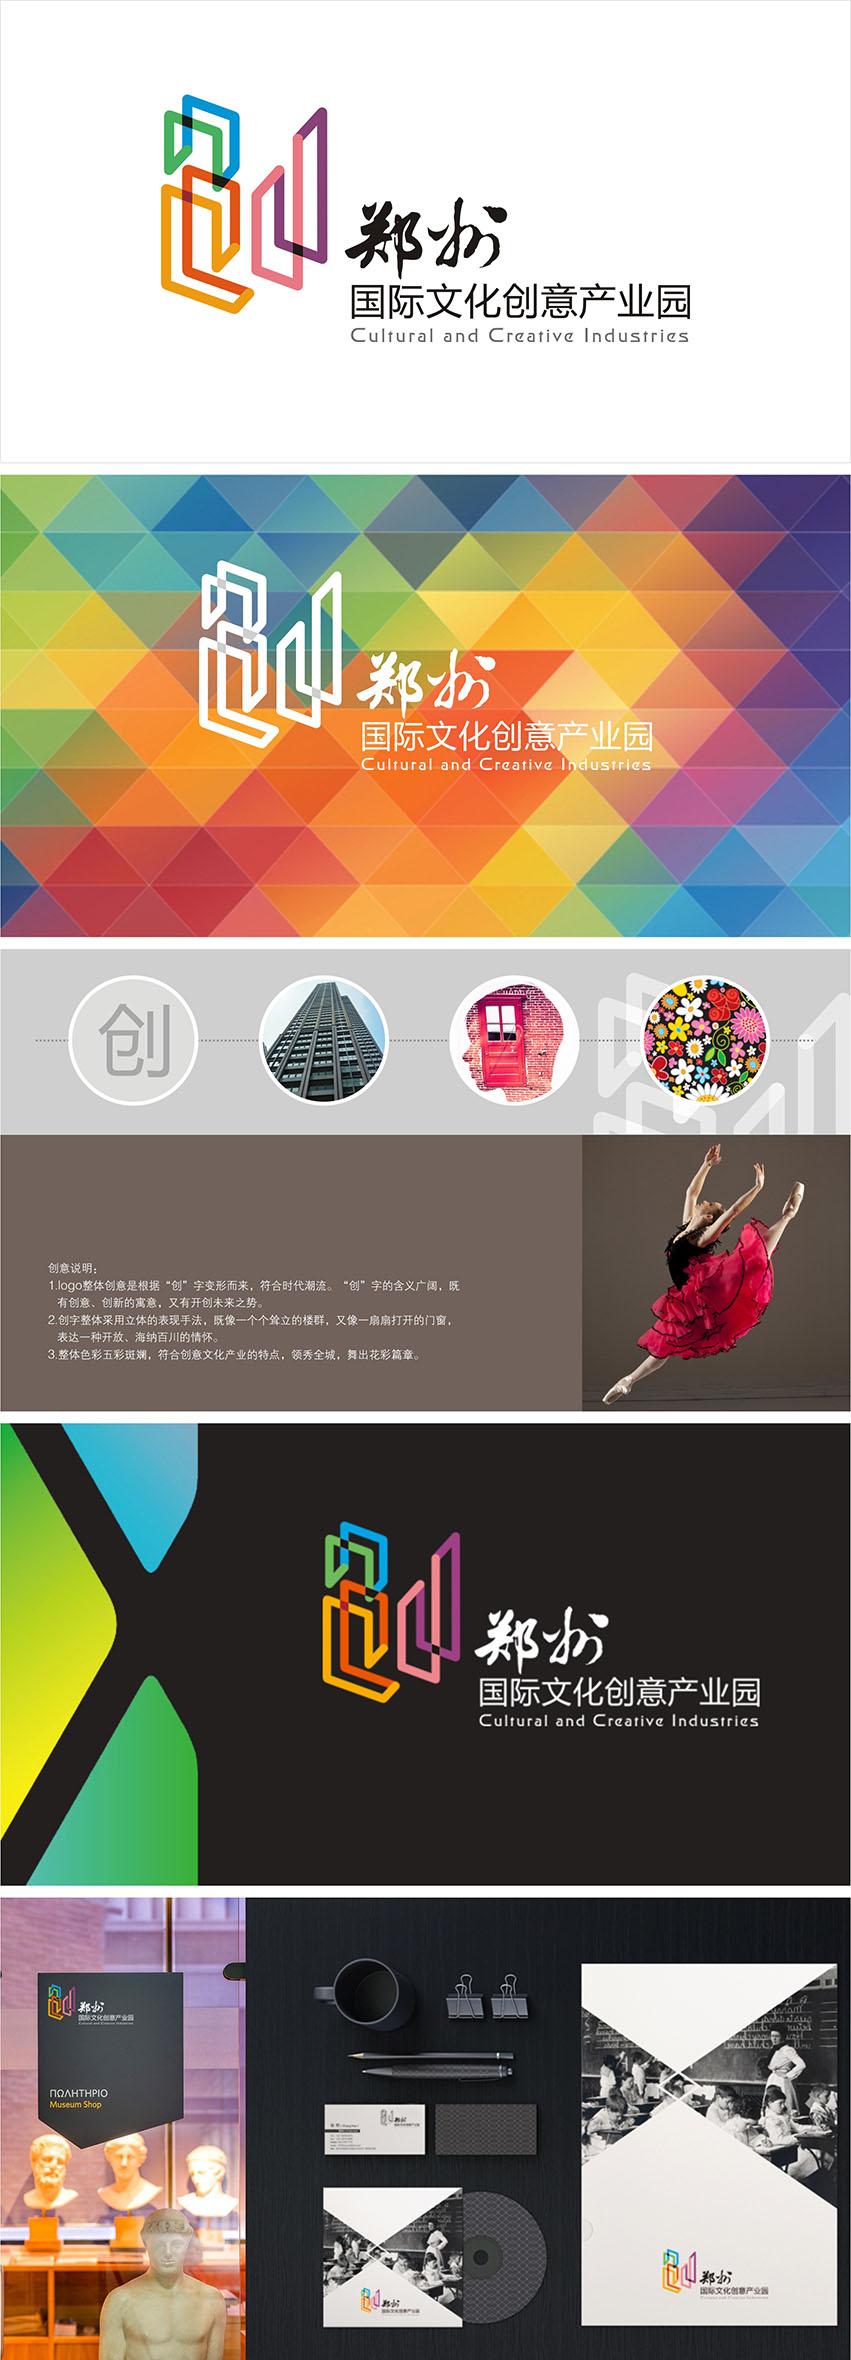 郑州创意产业园LOGO设计